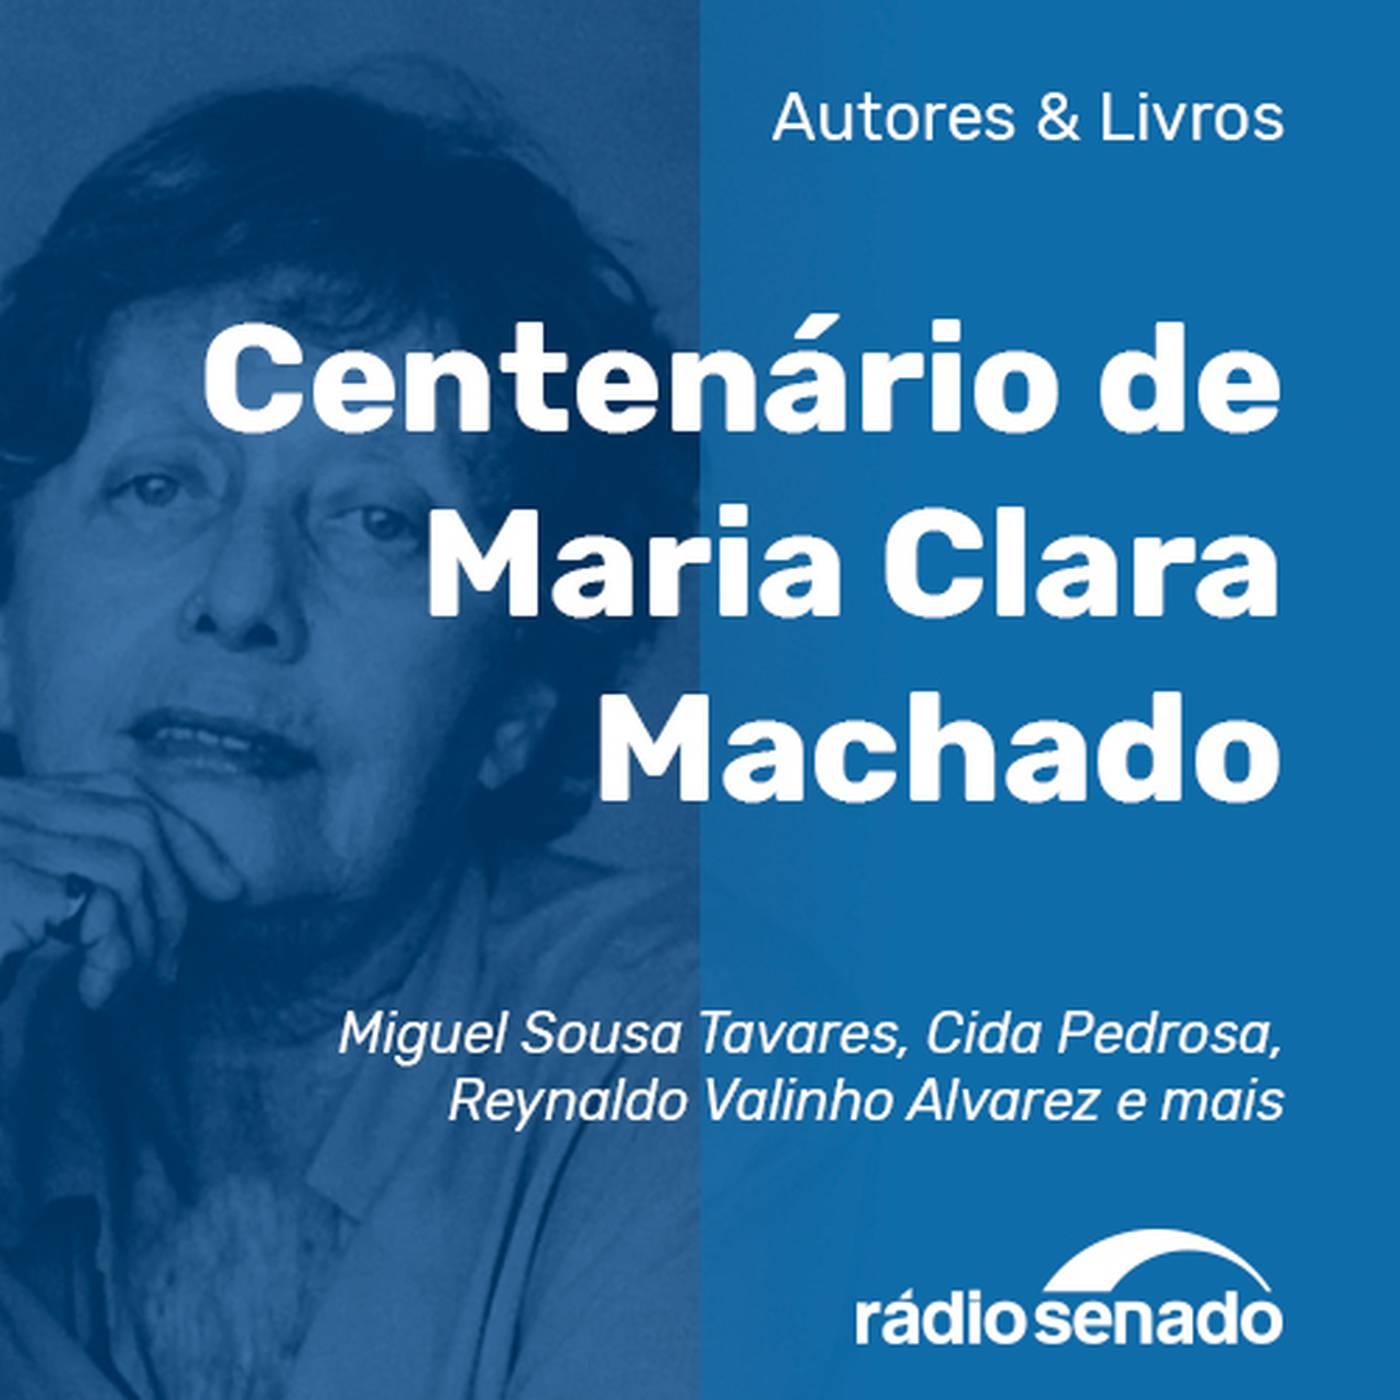 Centenário de Maria Clara Machado